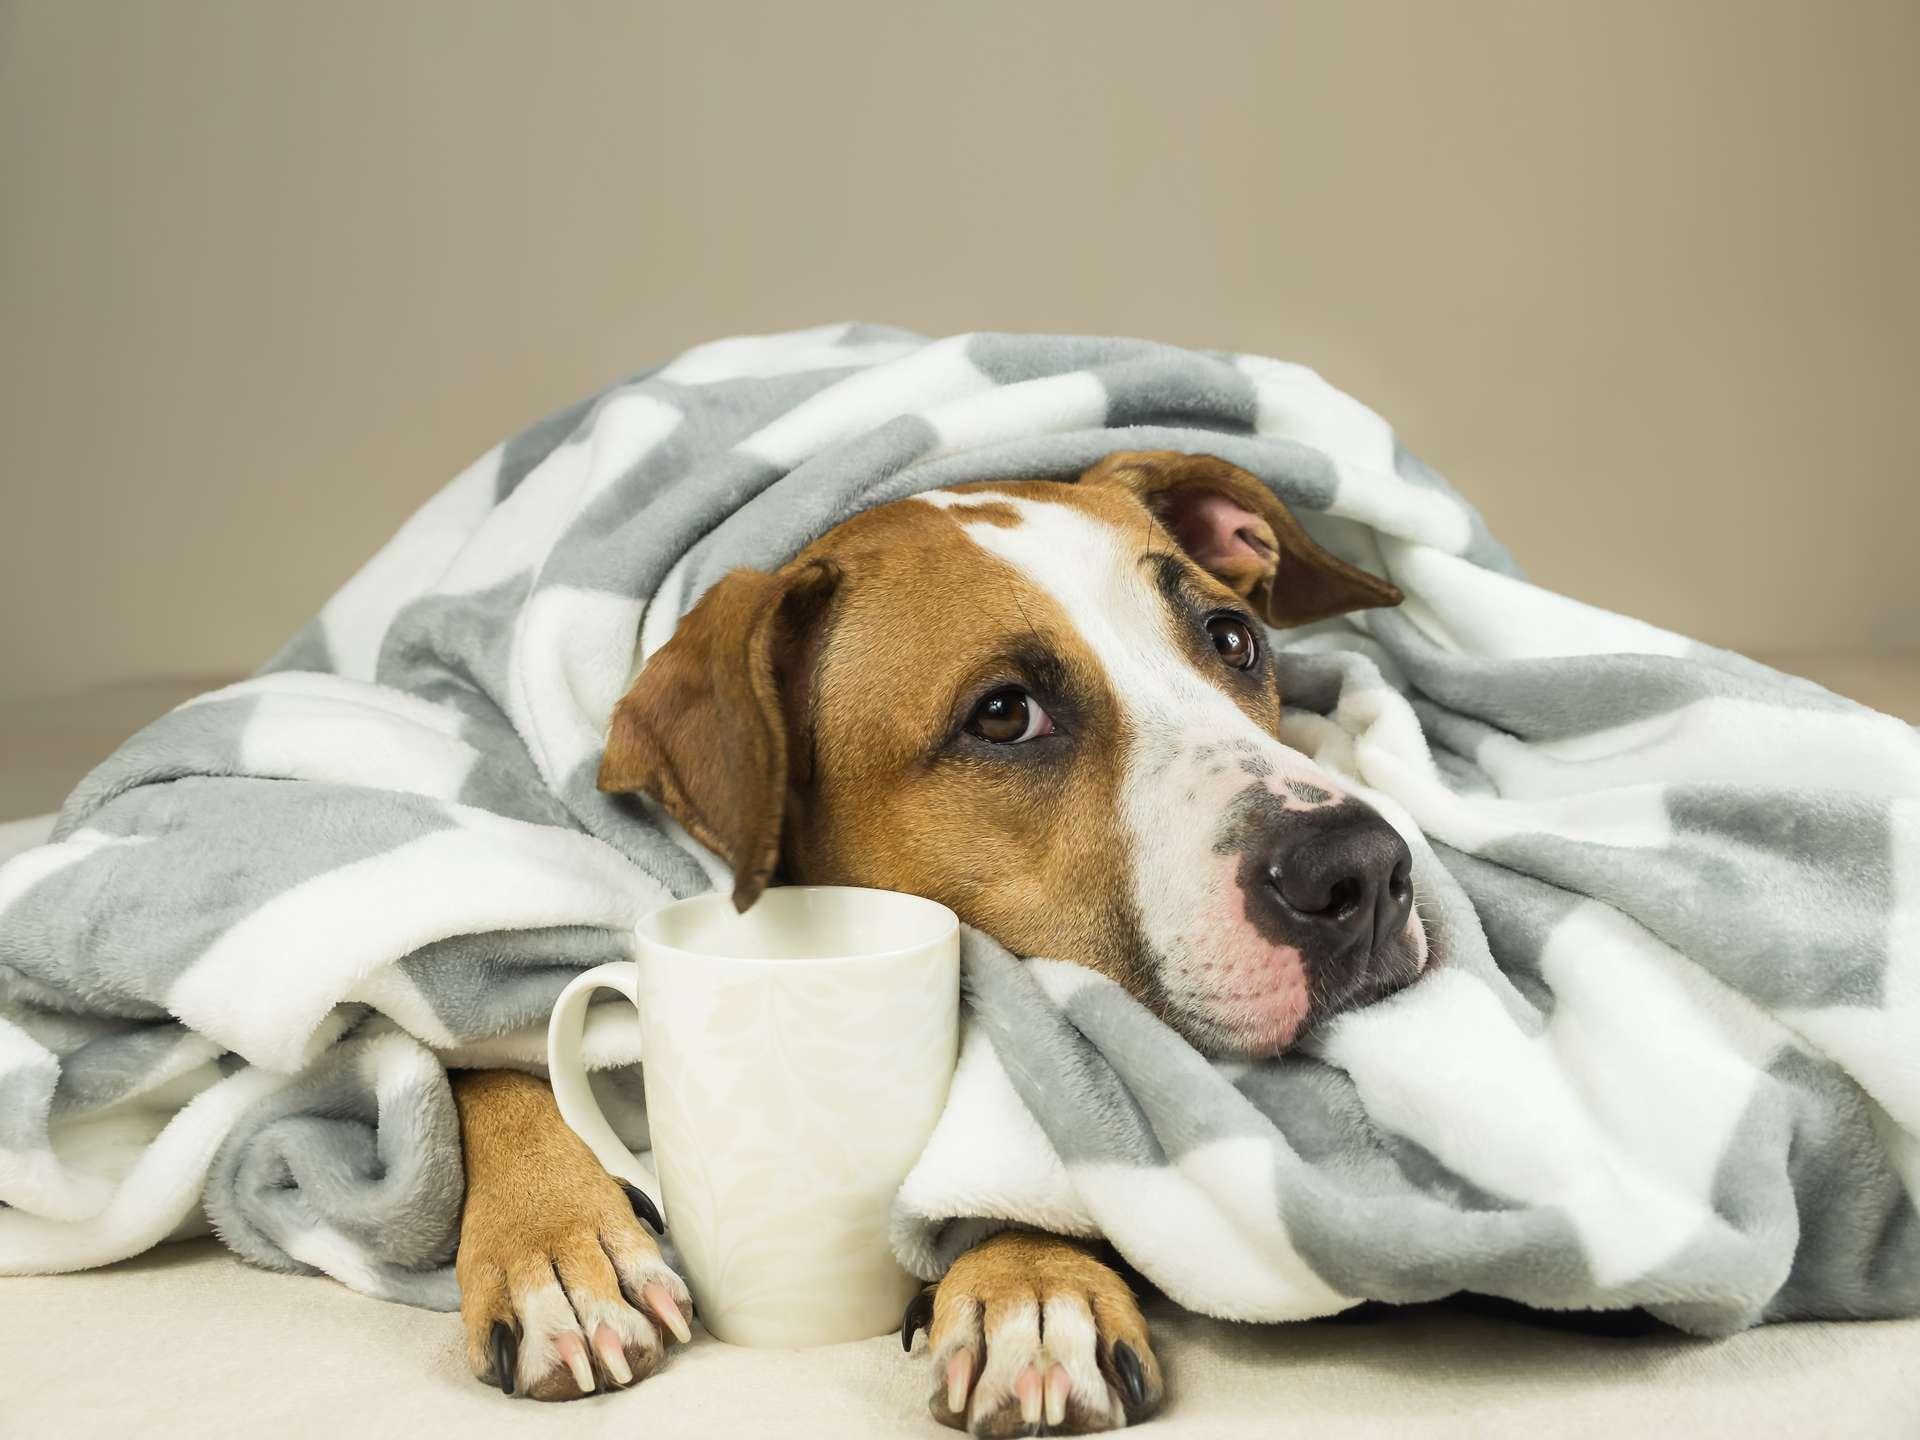 À Hong Kong, le premier cas de chien contaminé par le Covid-19 a été confirmé. © Photoboyko, Adobe Stock